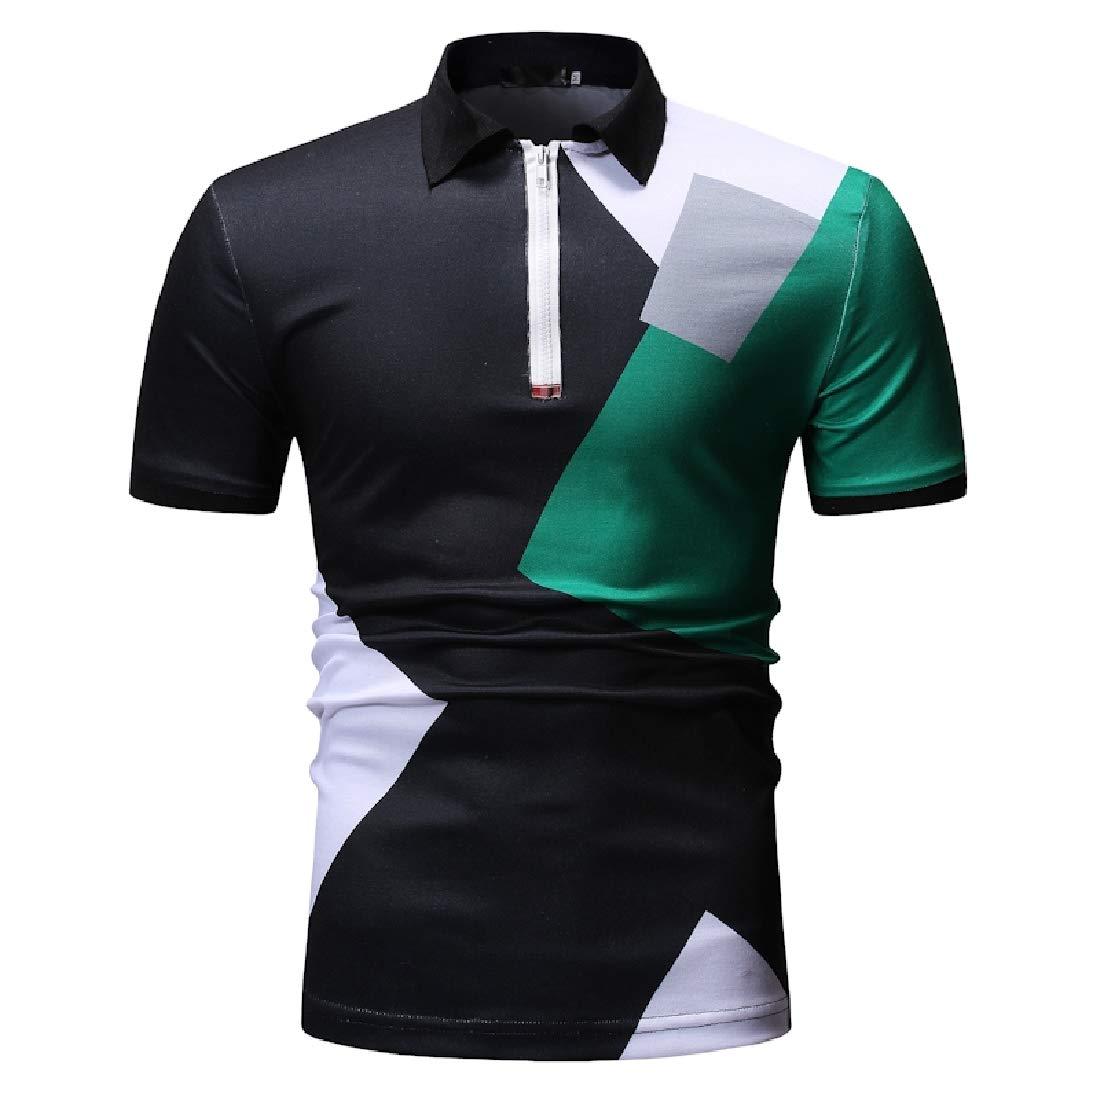 Zimaes-Men Zip Polo-Collar Assorted Colors Baggy Short Sleeve Tops Shirt